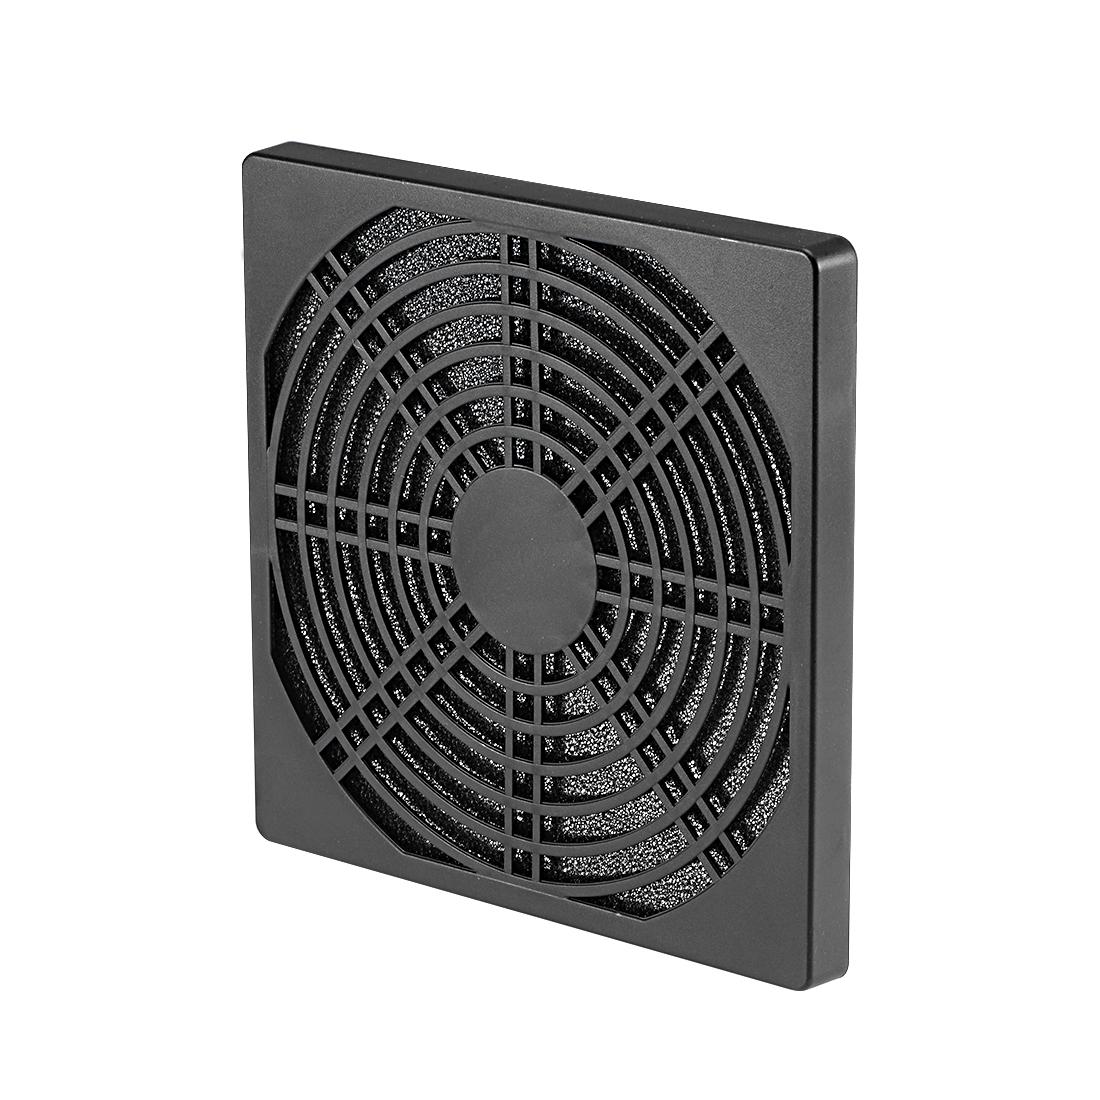 5pcs 125mm x 125mm Dustproof Case PC Computer Case Fan Dust Filter